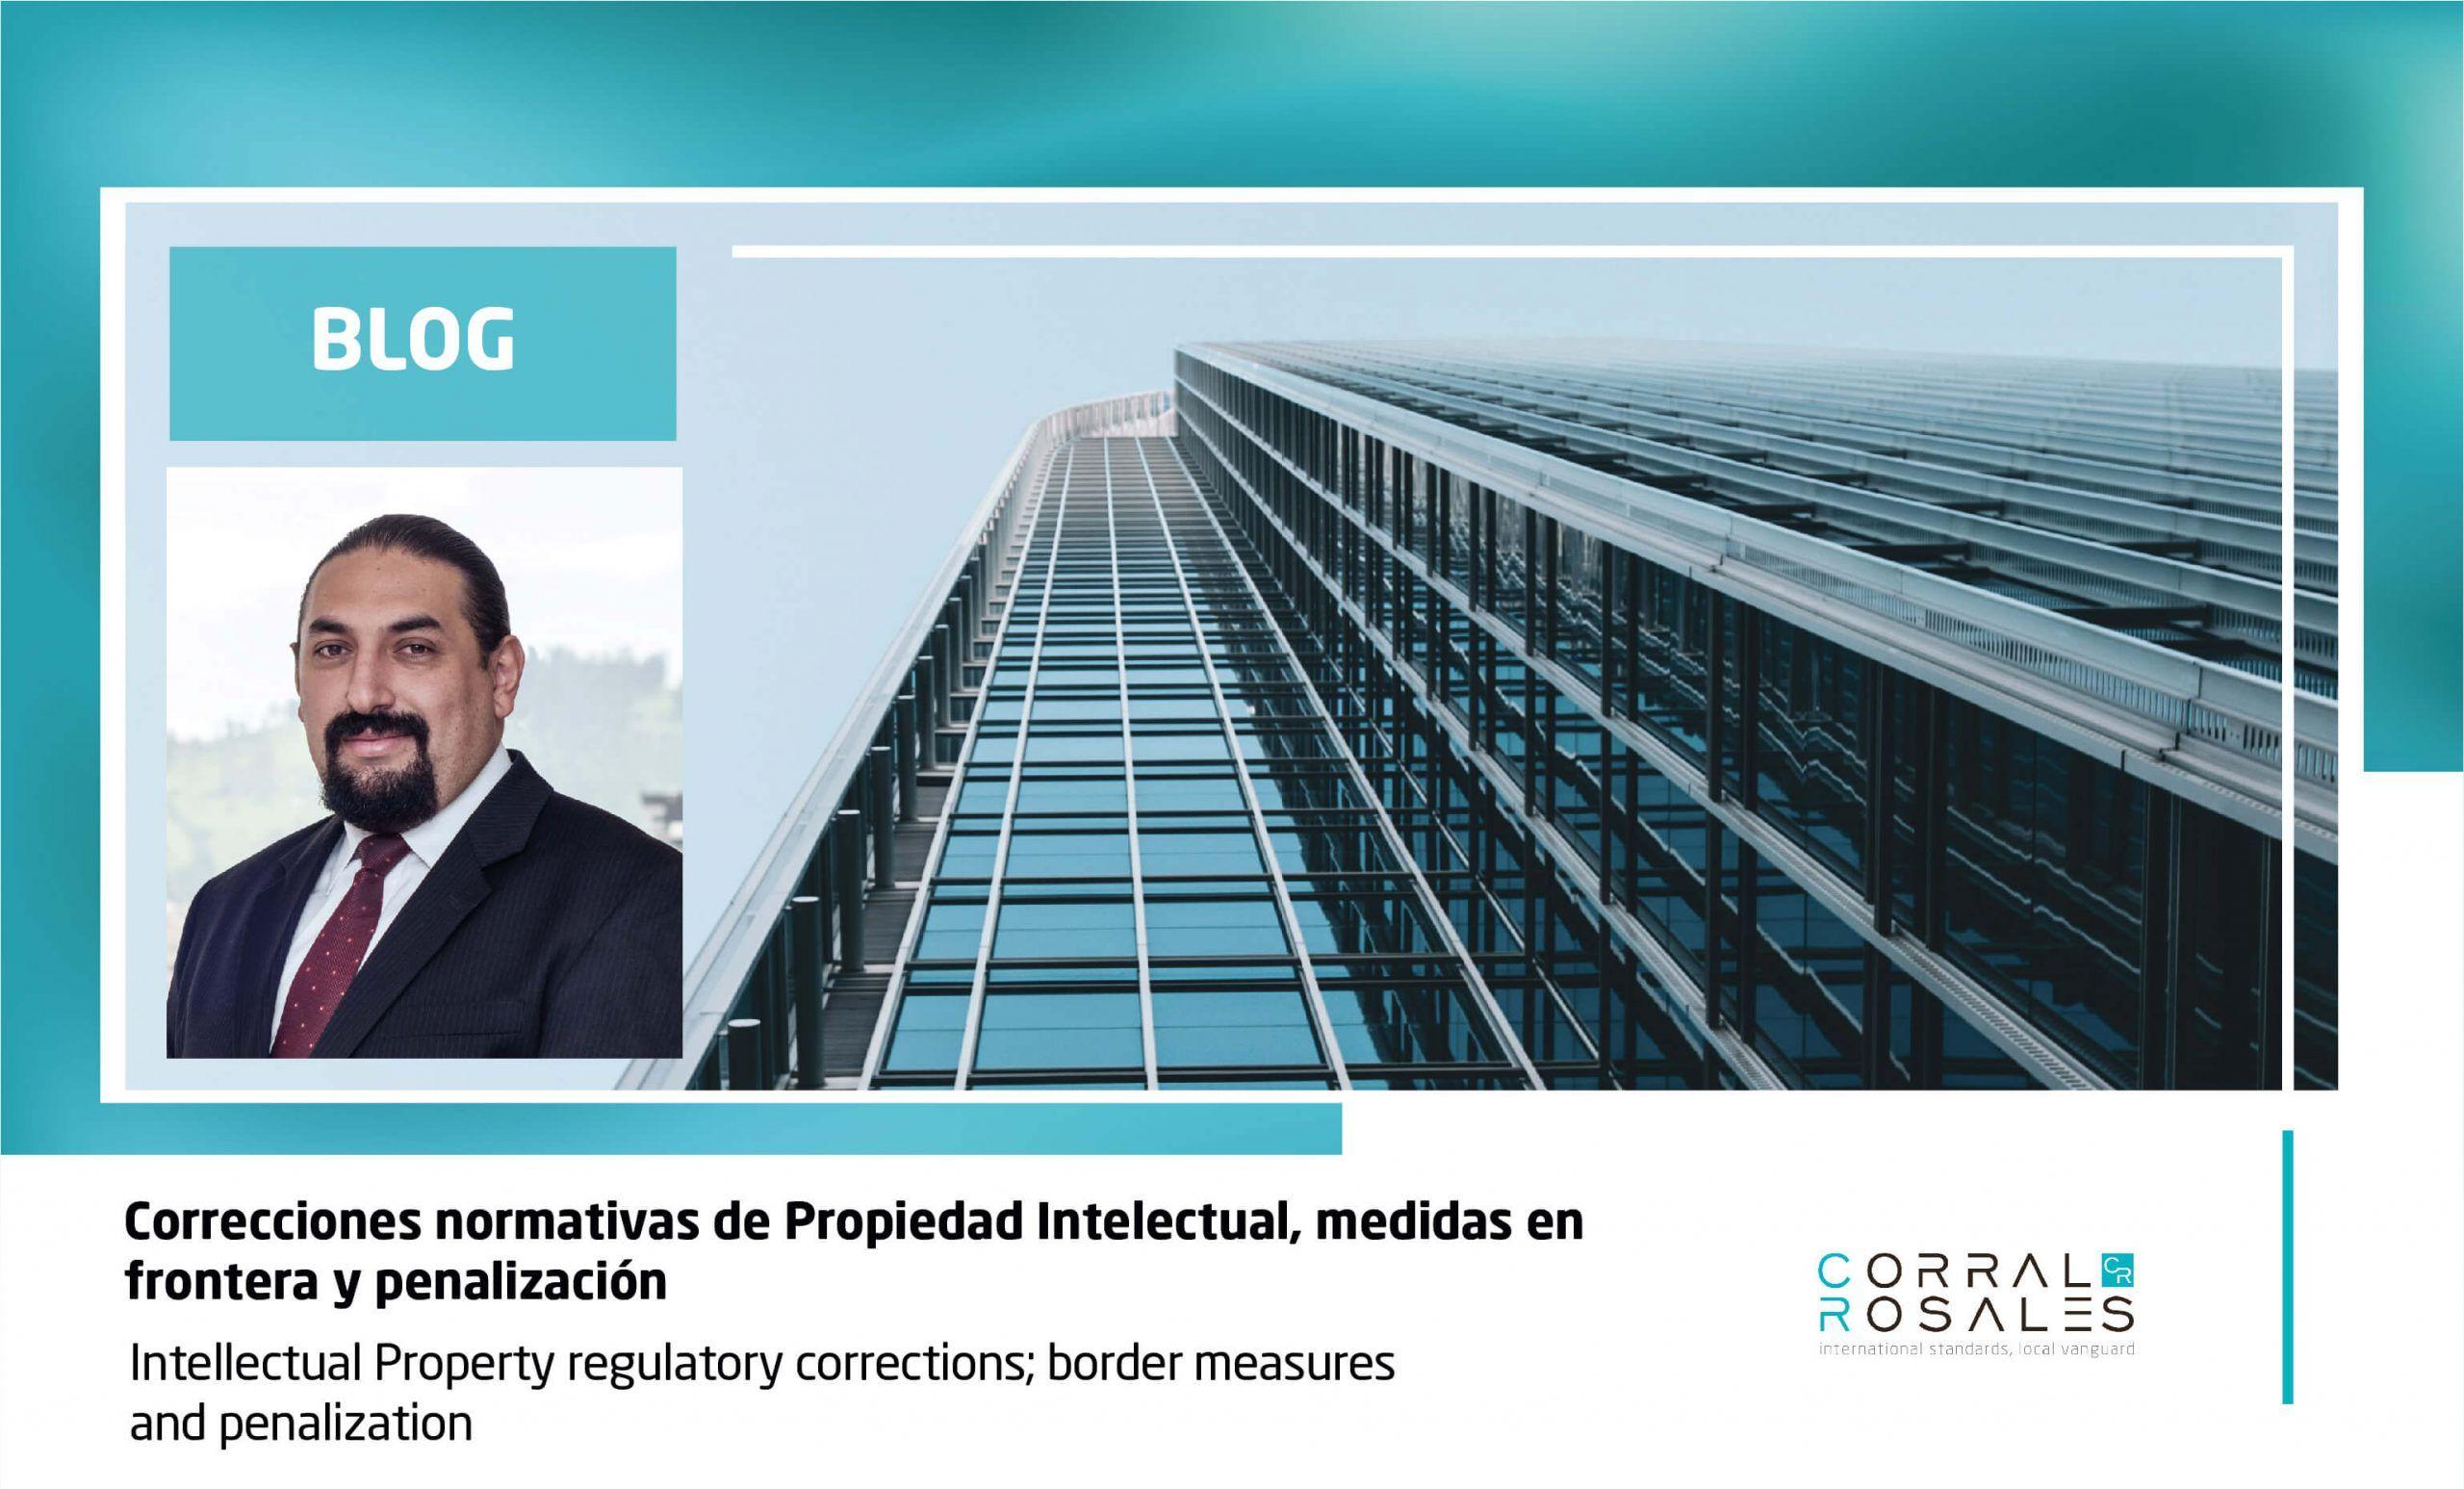 Correcciones normativas de Propiedad Intelectual, medidas en frontera y penalización - CorralRosales - Abogados Ecuador